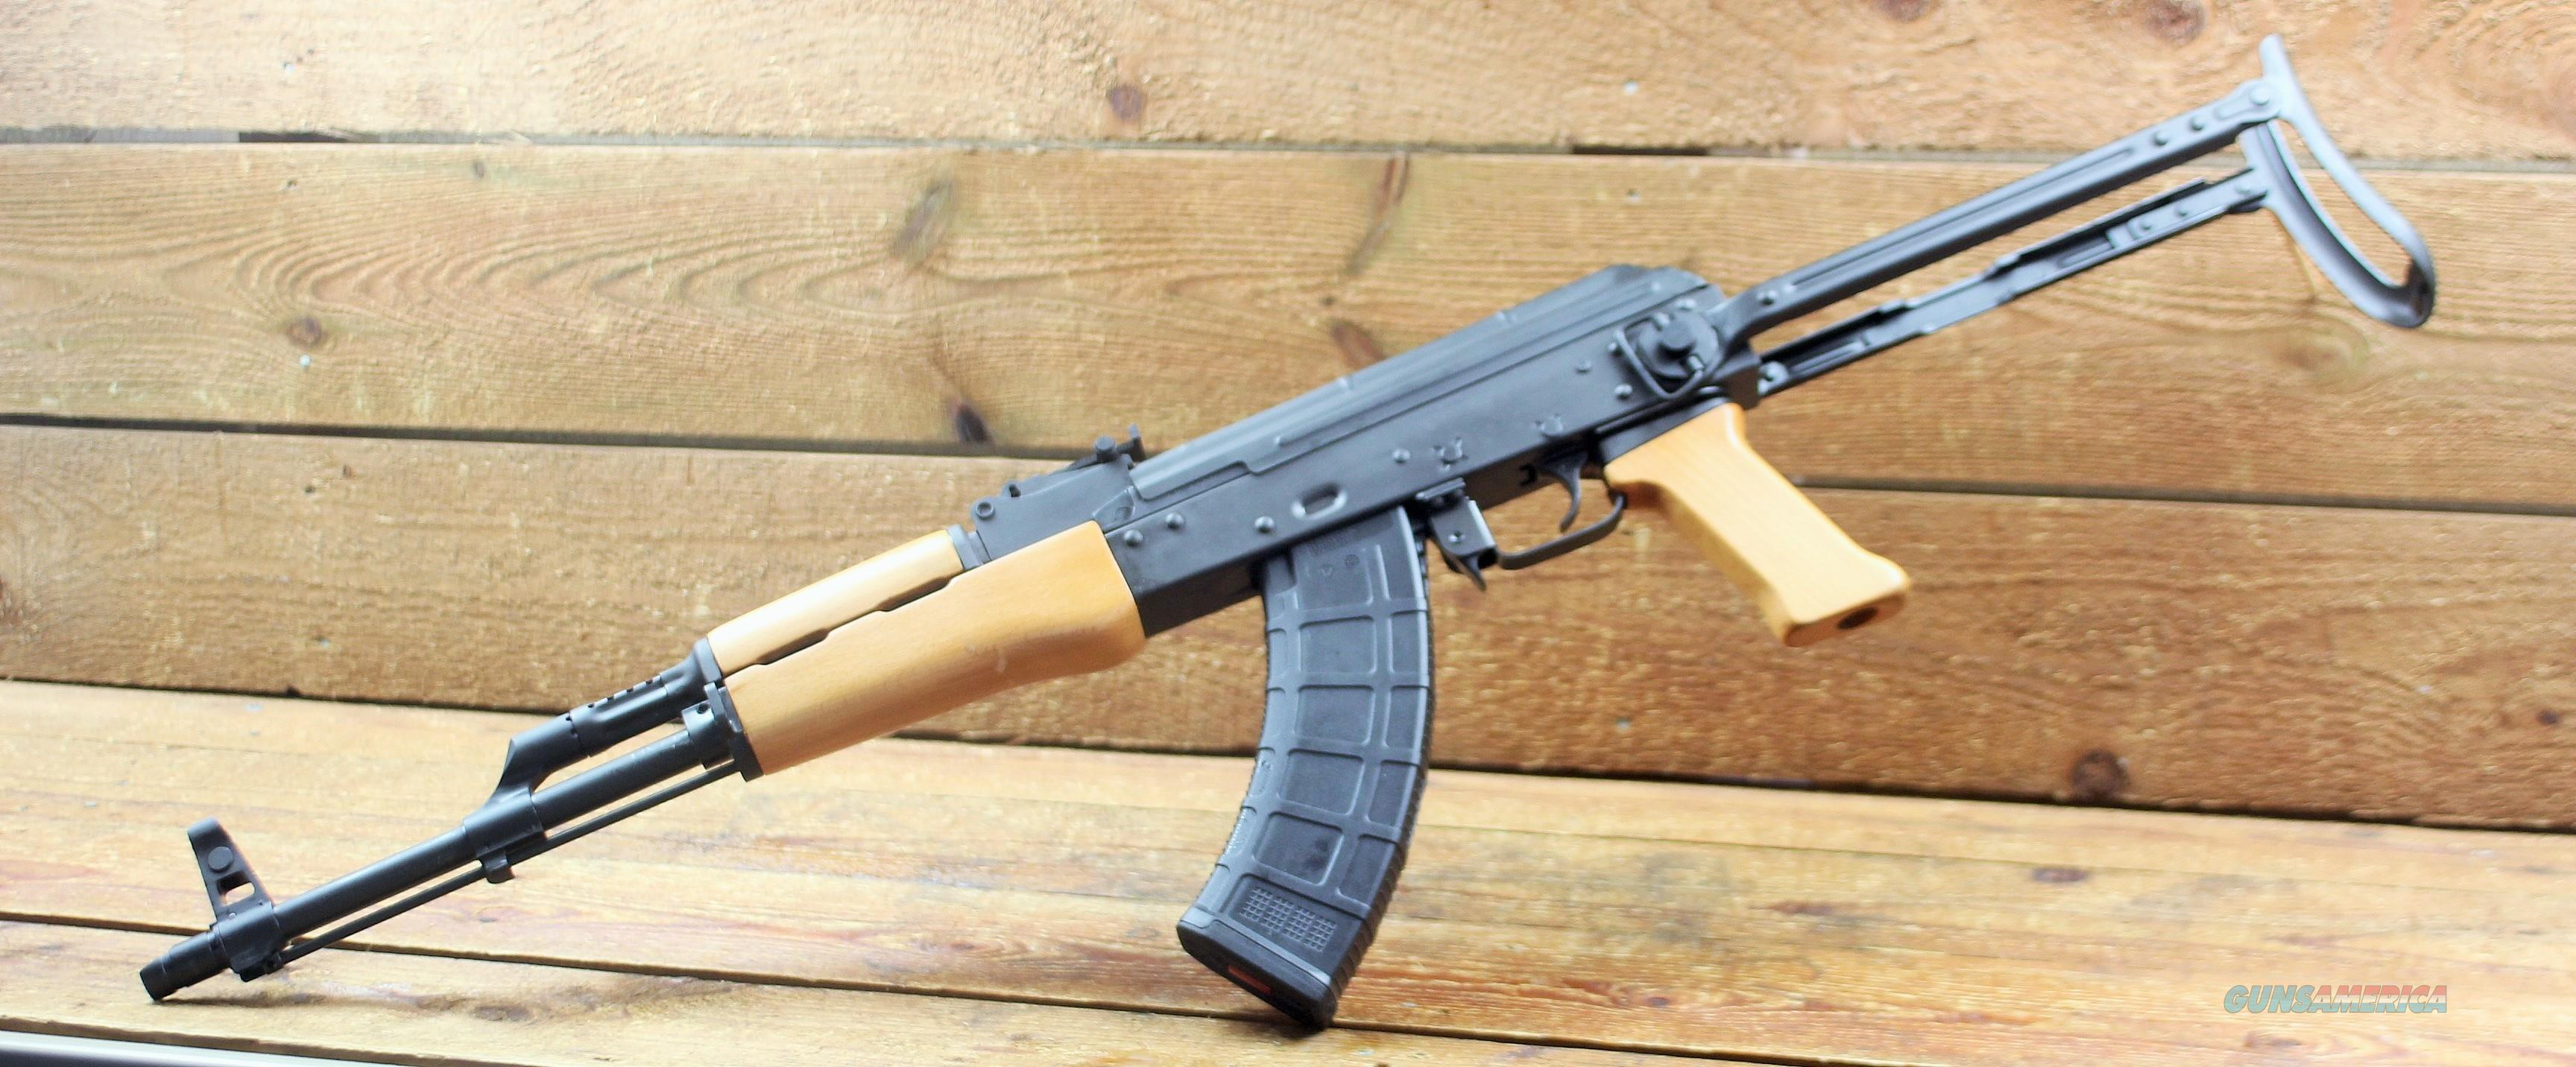 Century Arms International AK63DS AK-47 Semi Auto Rifle 7 62x39 16 5